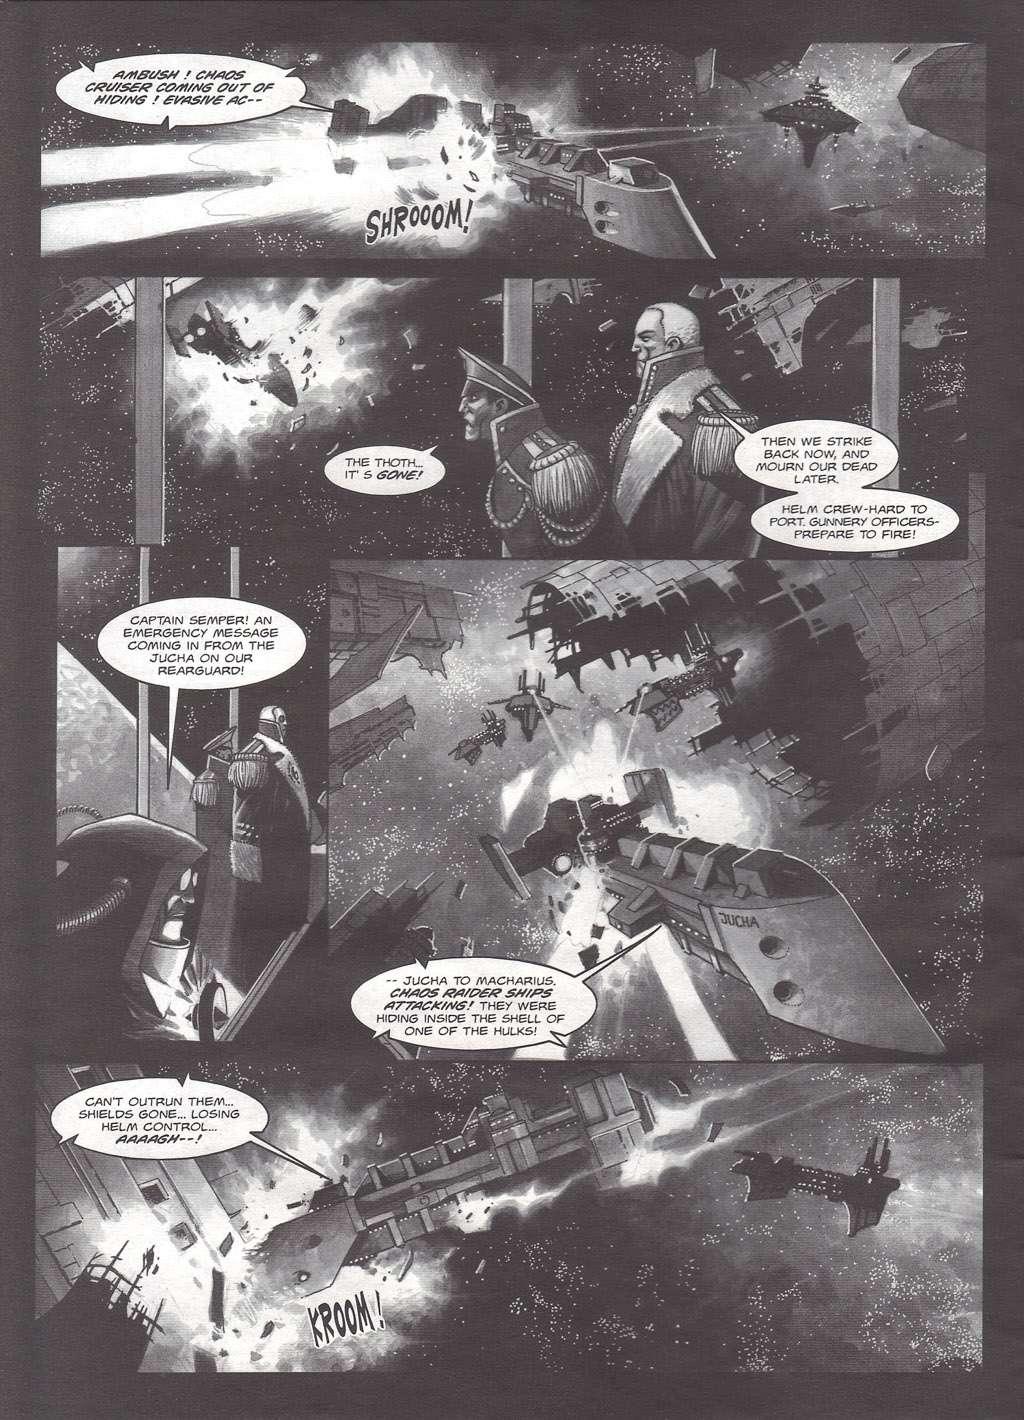 [GALERIE] Artworks - Page 7 Bfg_ge24